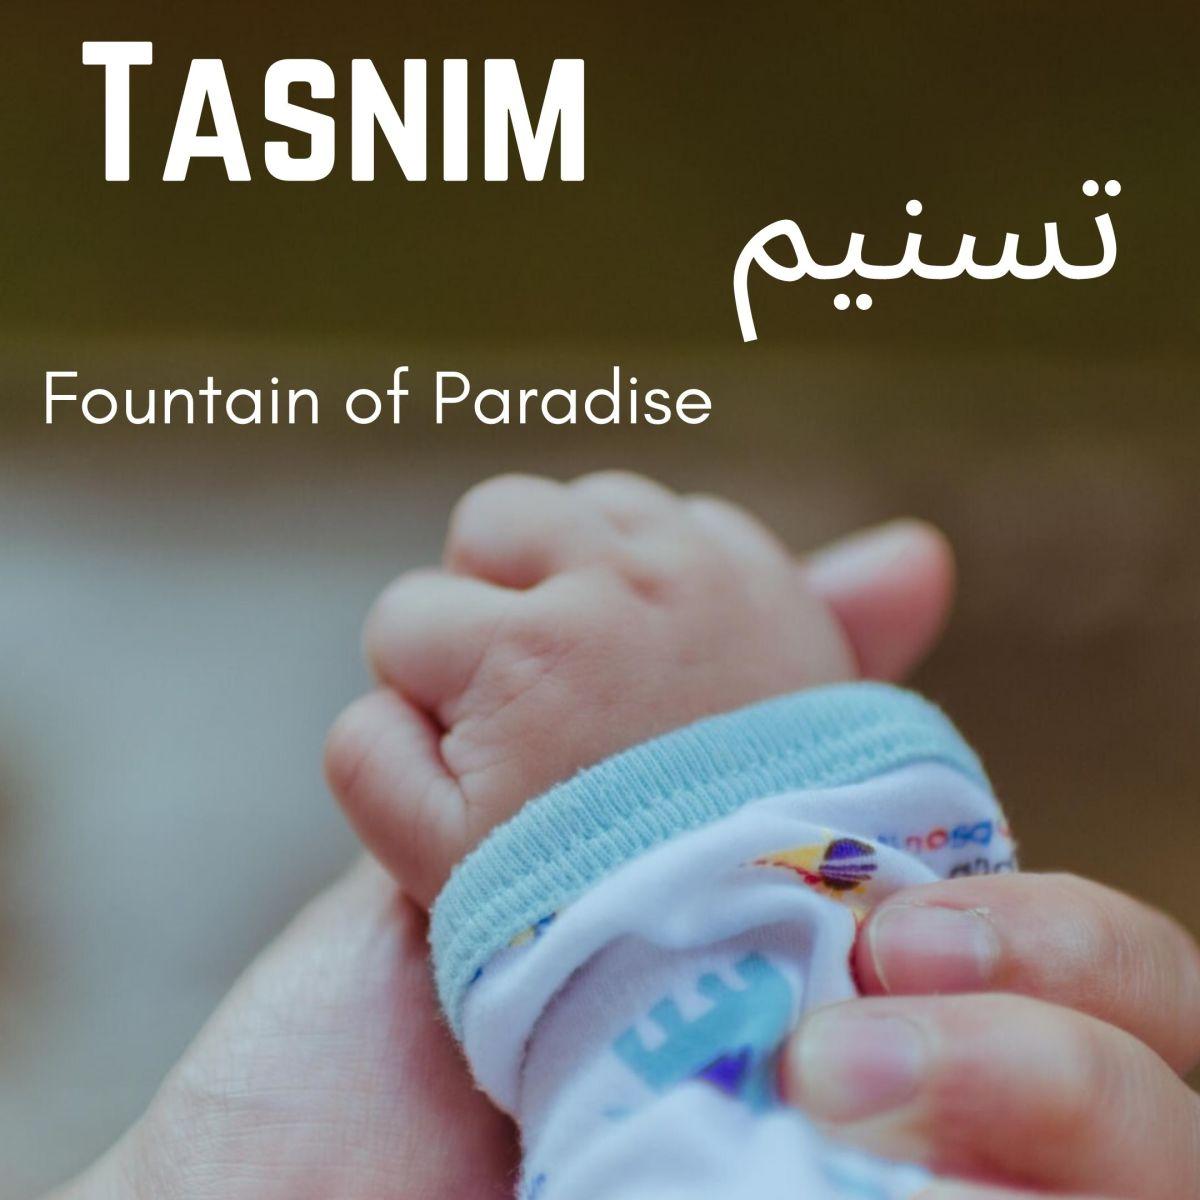 Tasnim is a popular Arabic girl's name.